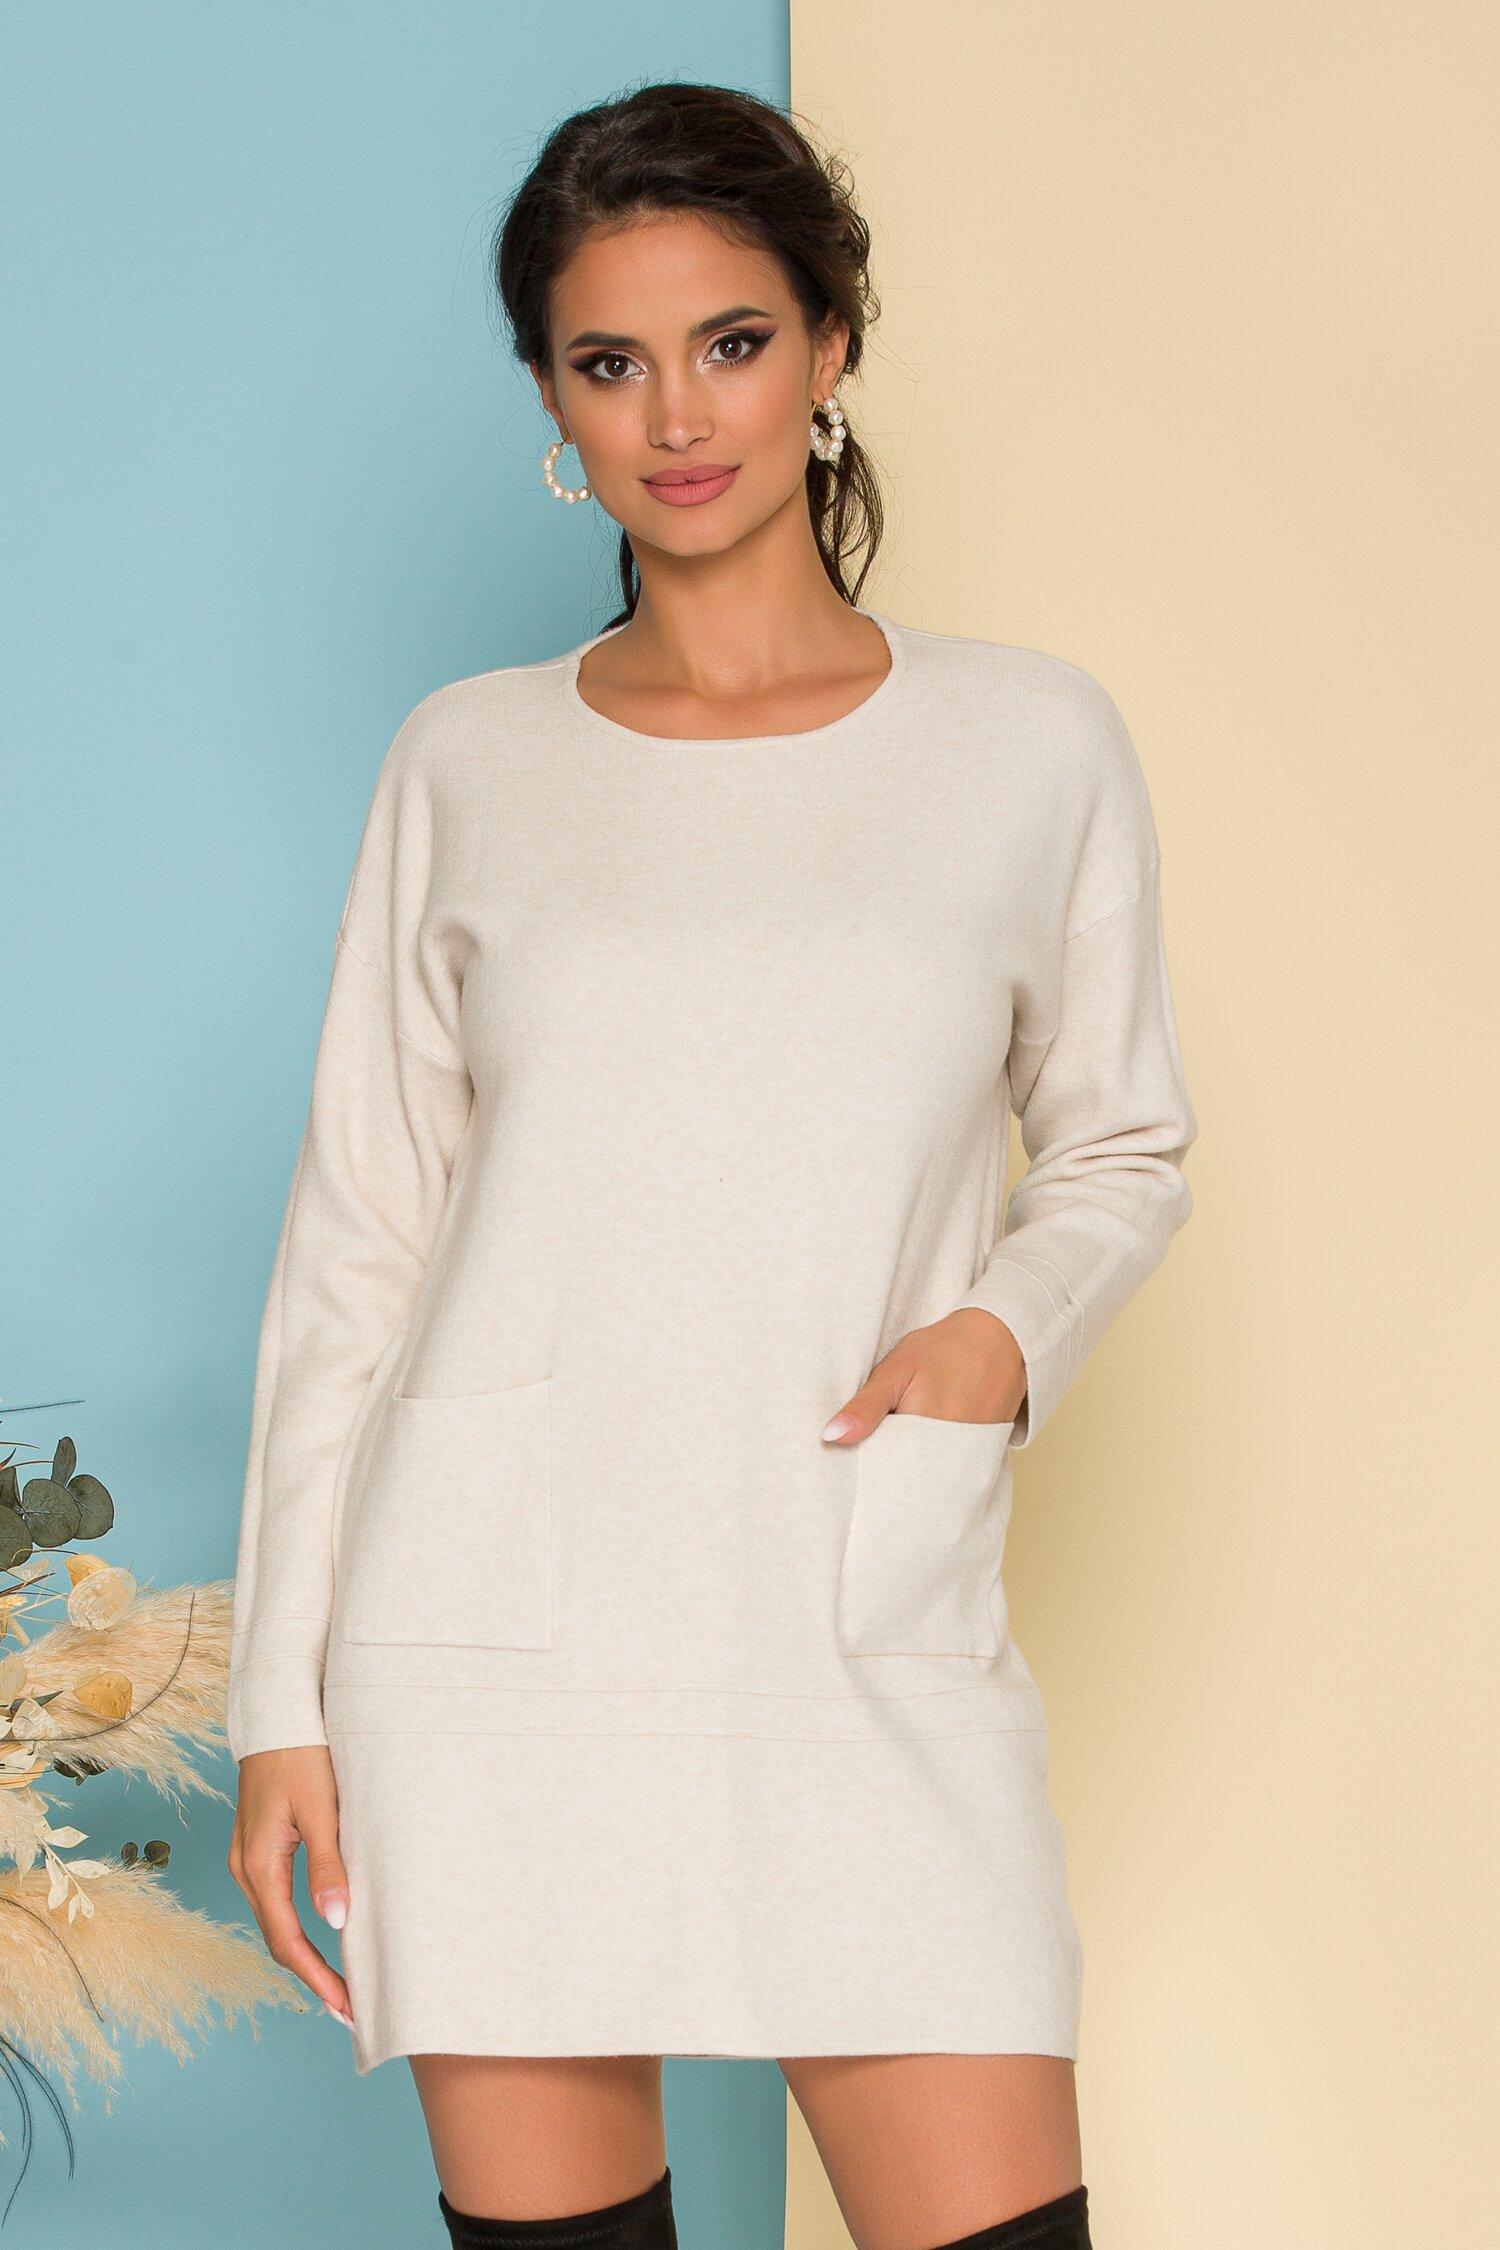 Rochie Erica ivory din tricot cu buzunare in fata imagine